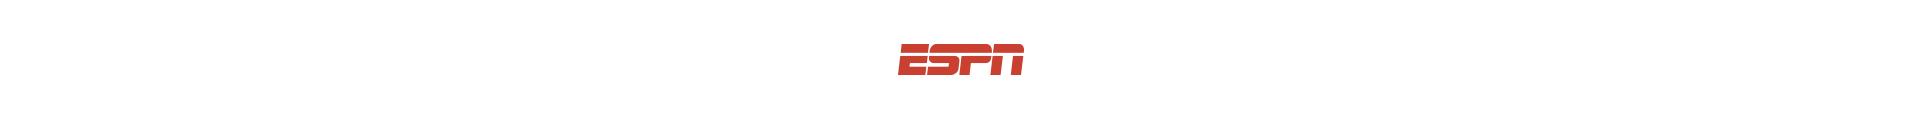 Portfolio_Logos_ESPN.jpg